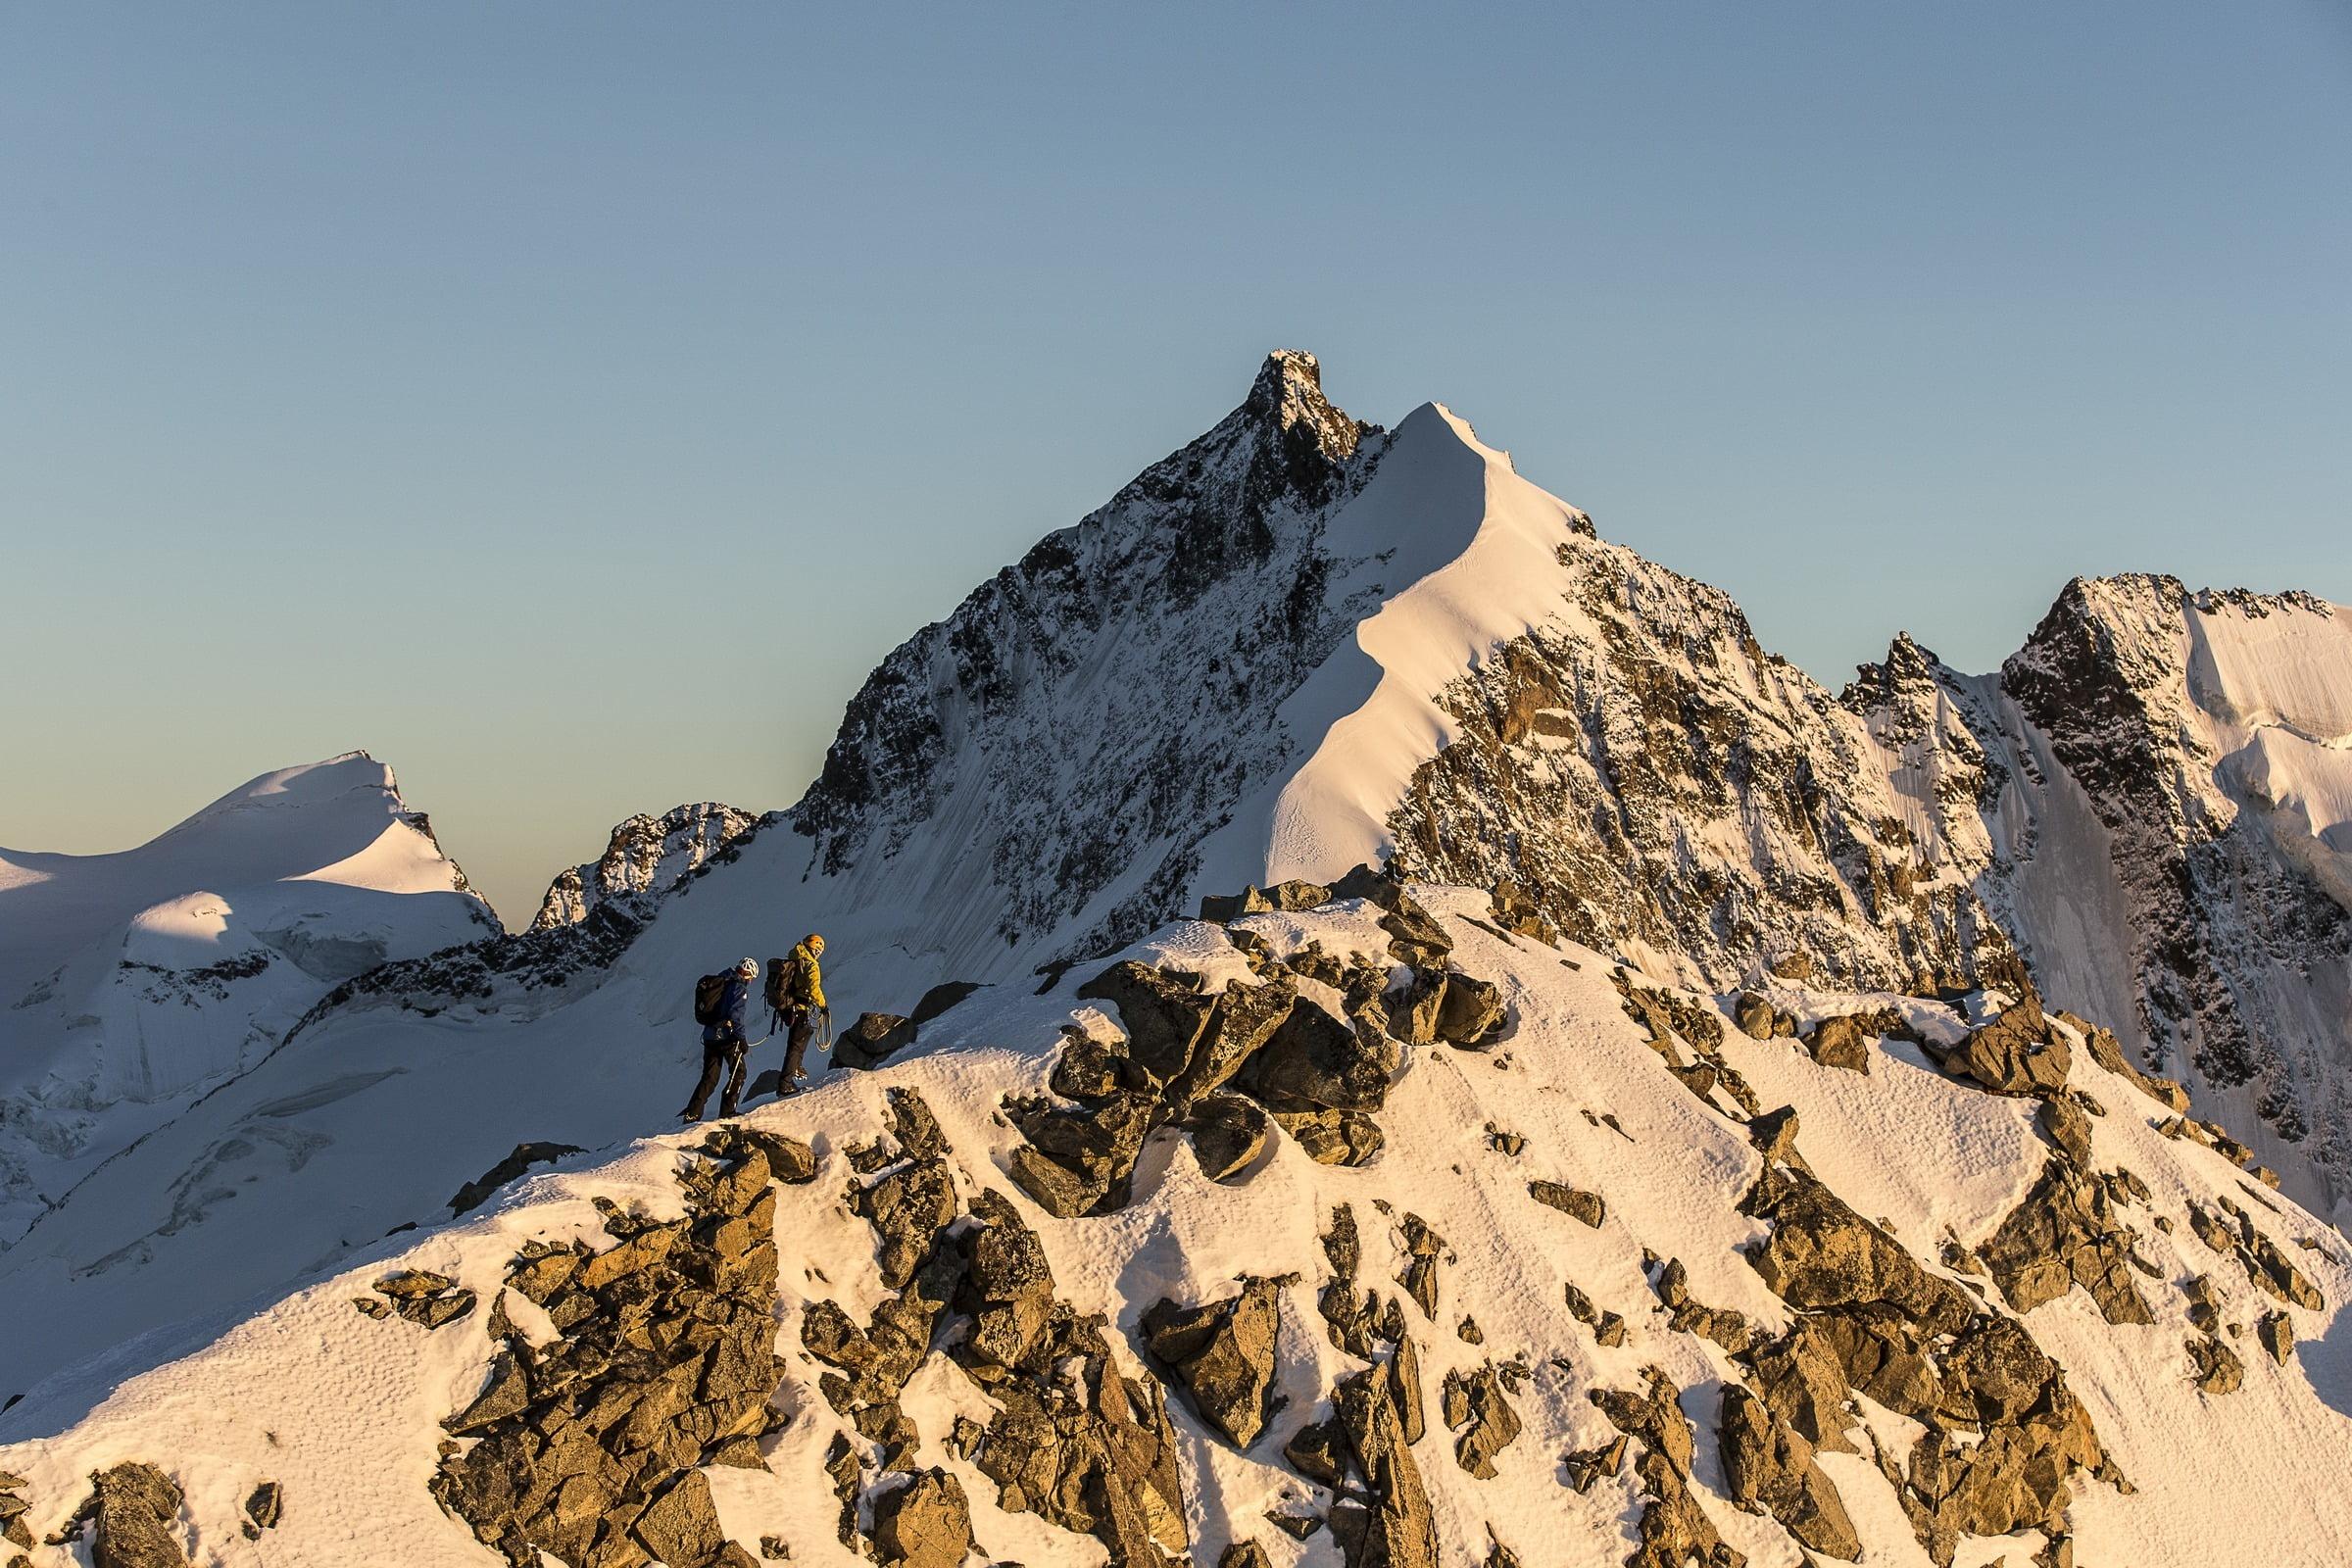 Mountain Tour at Piz Morteratsch